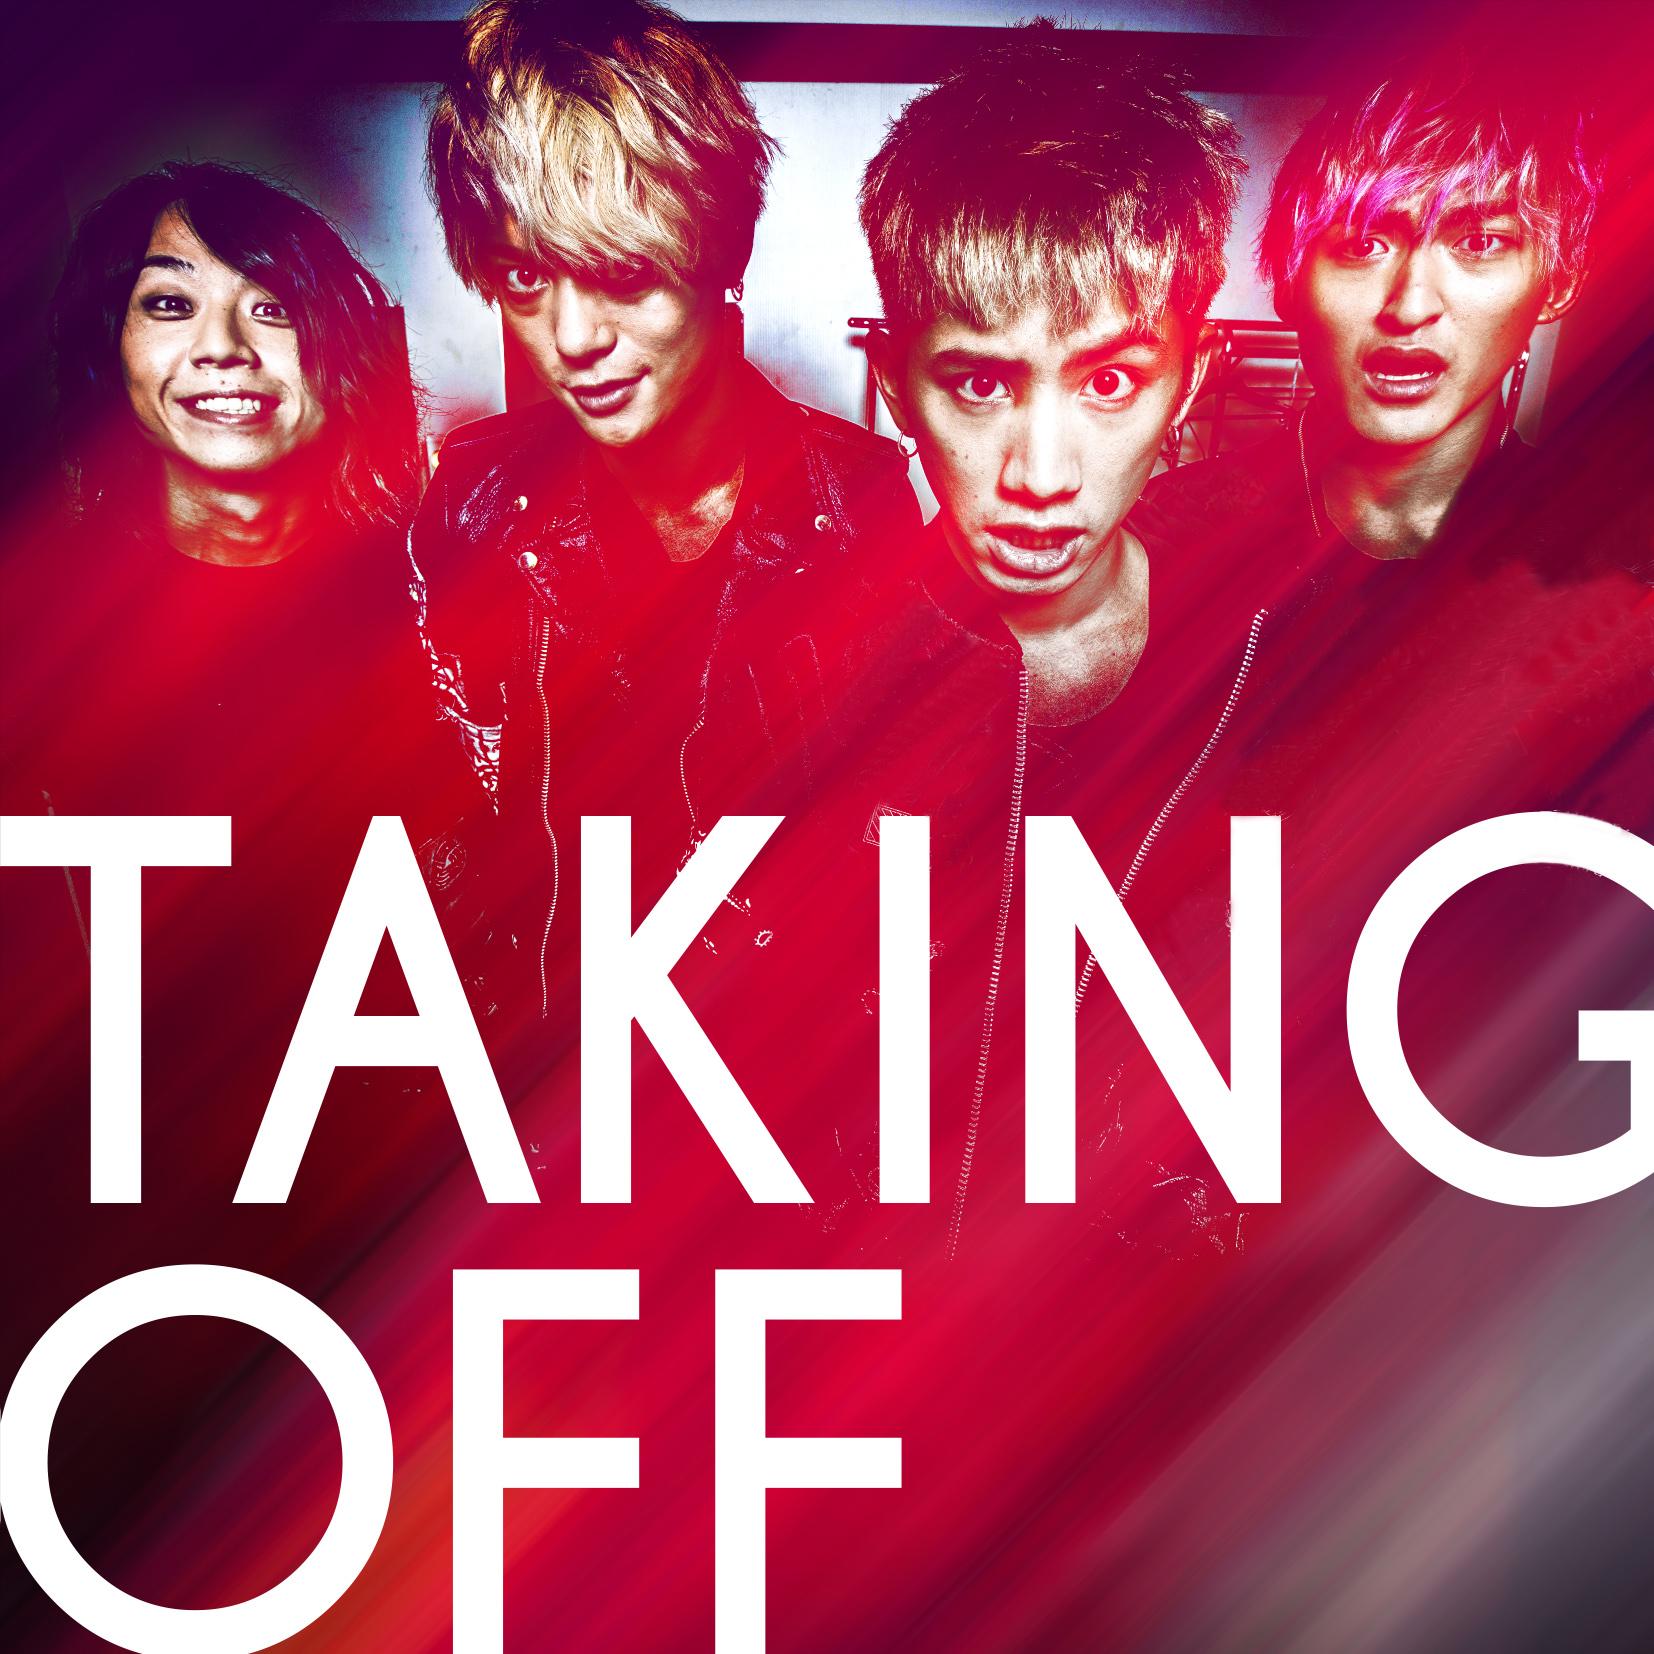 配信シングル「Taking Off」